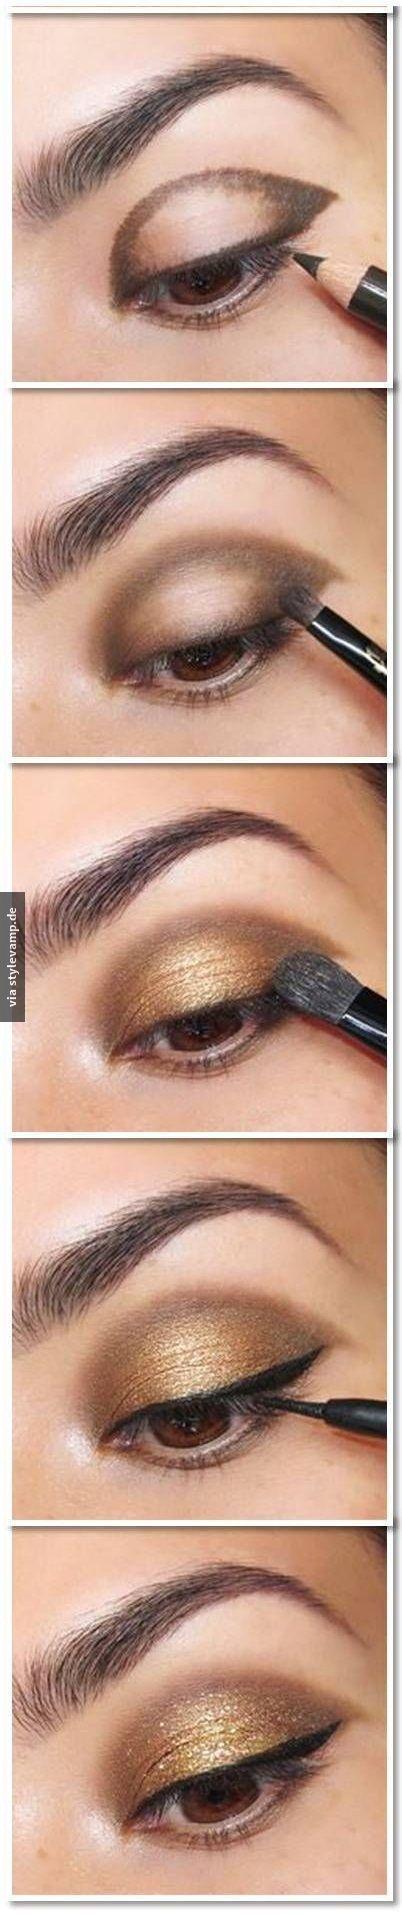 Perfektes Make-Up für Braune Augen! #beautyeyes